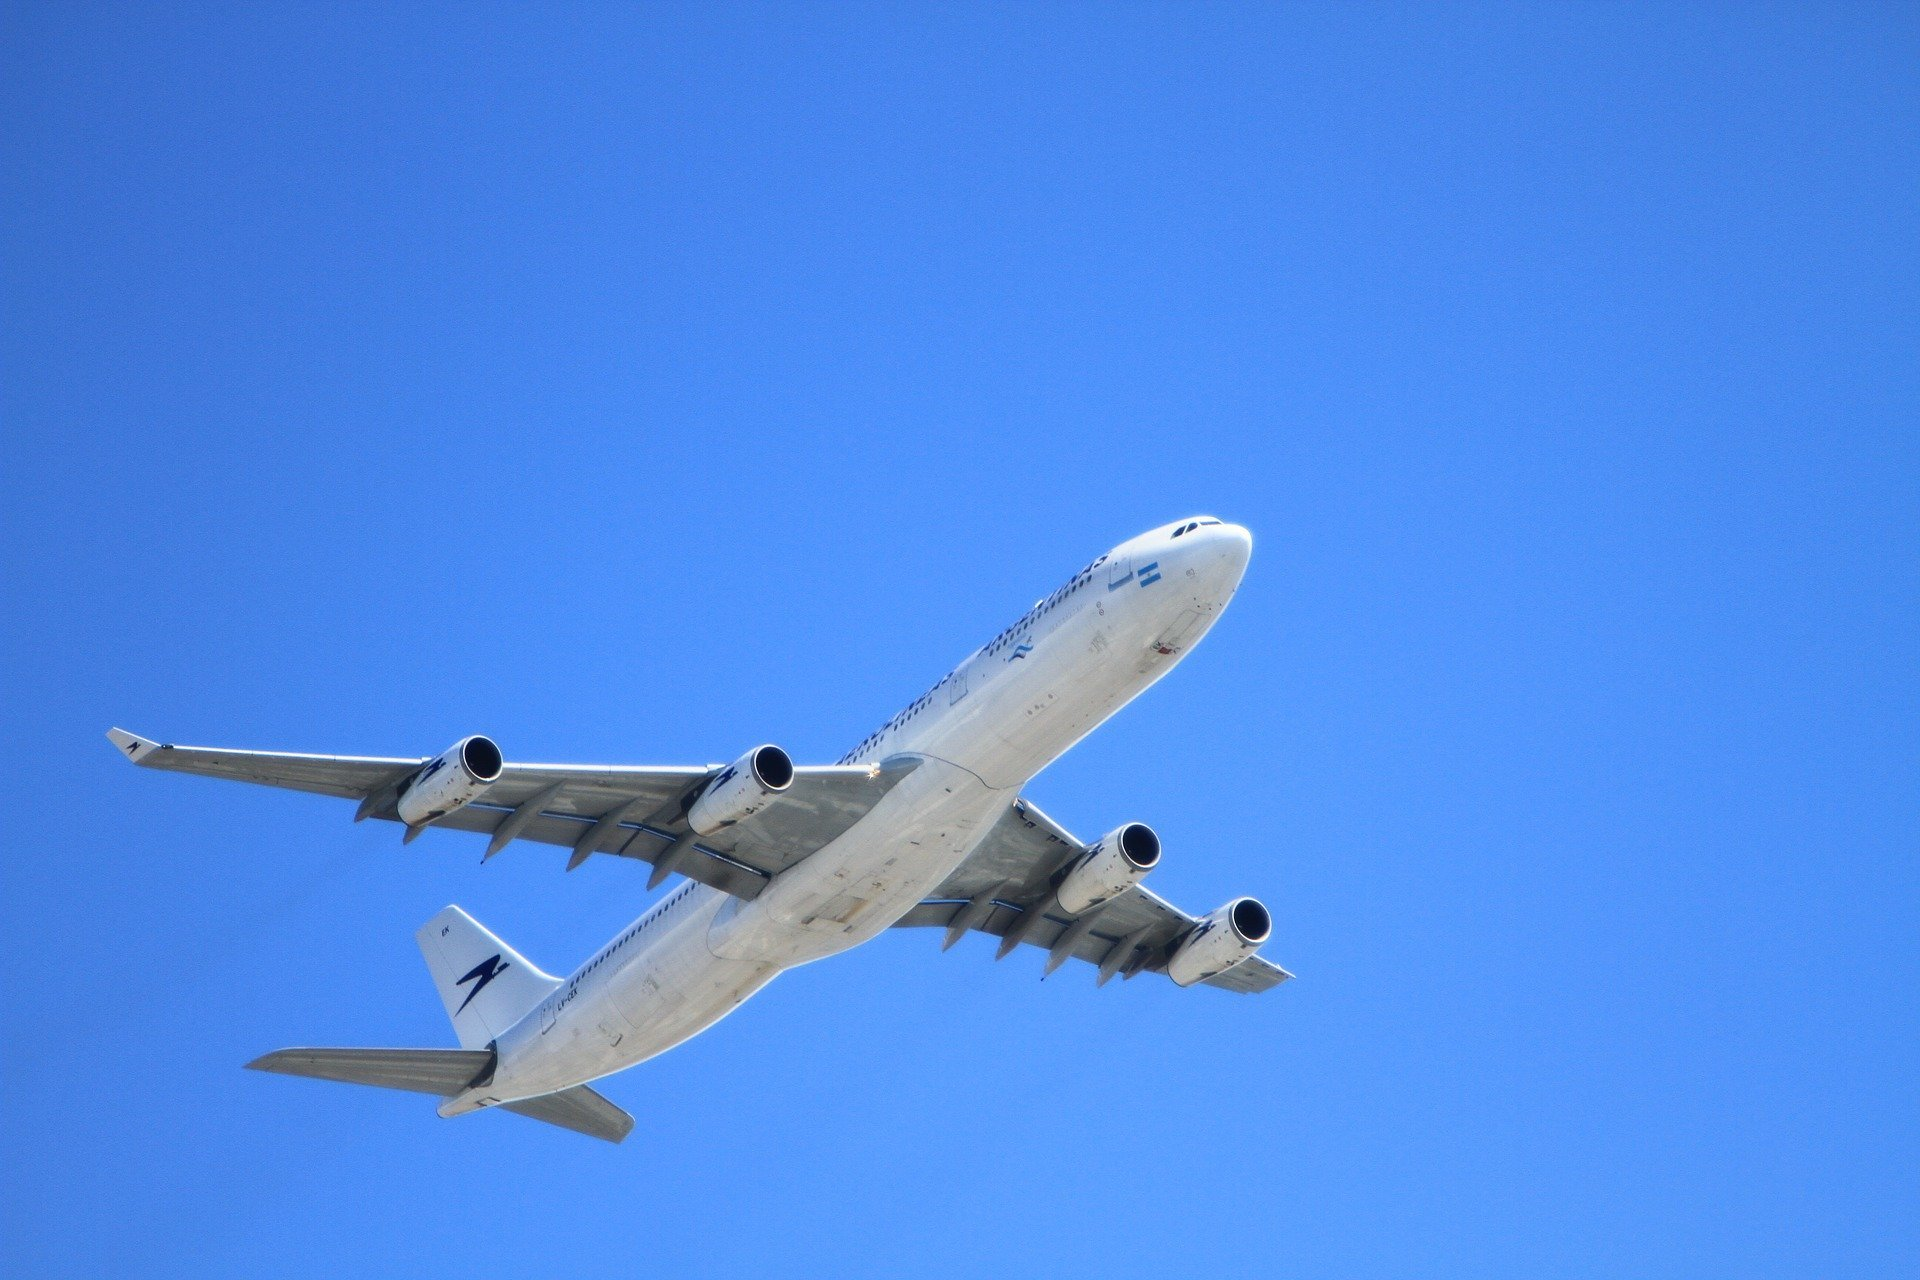 広島空港に就航するLCCの路線は?運行する航空会社や料金をご紹介!